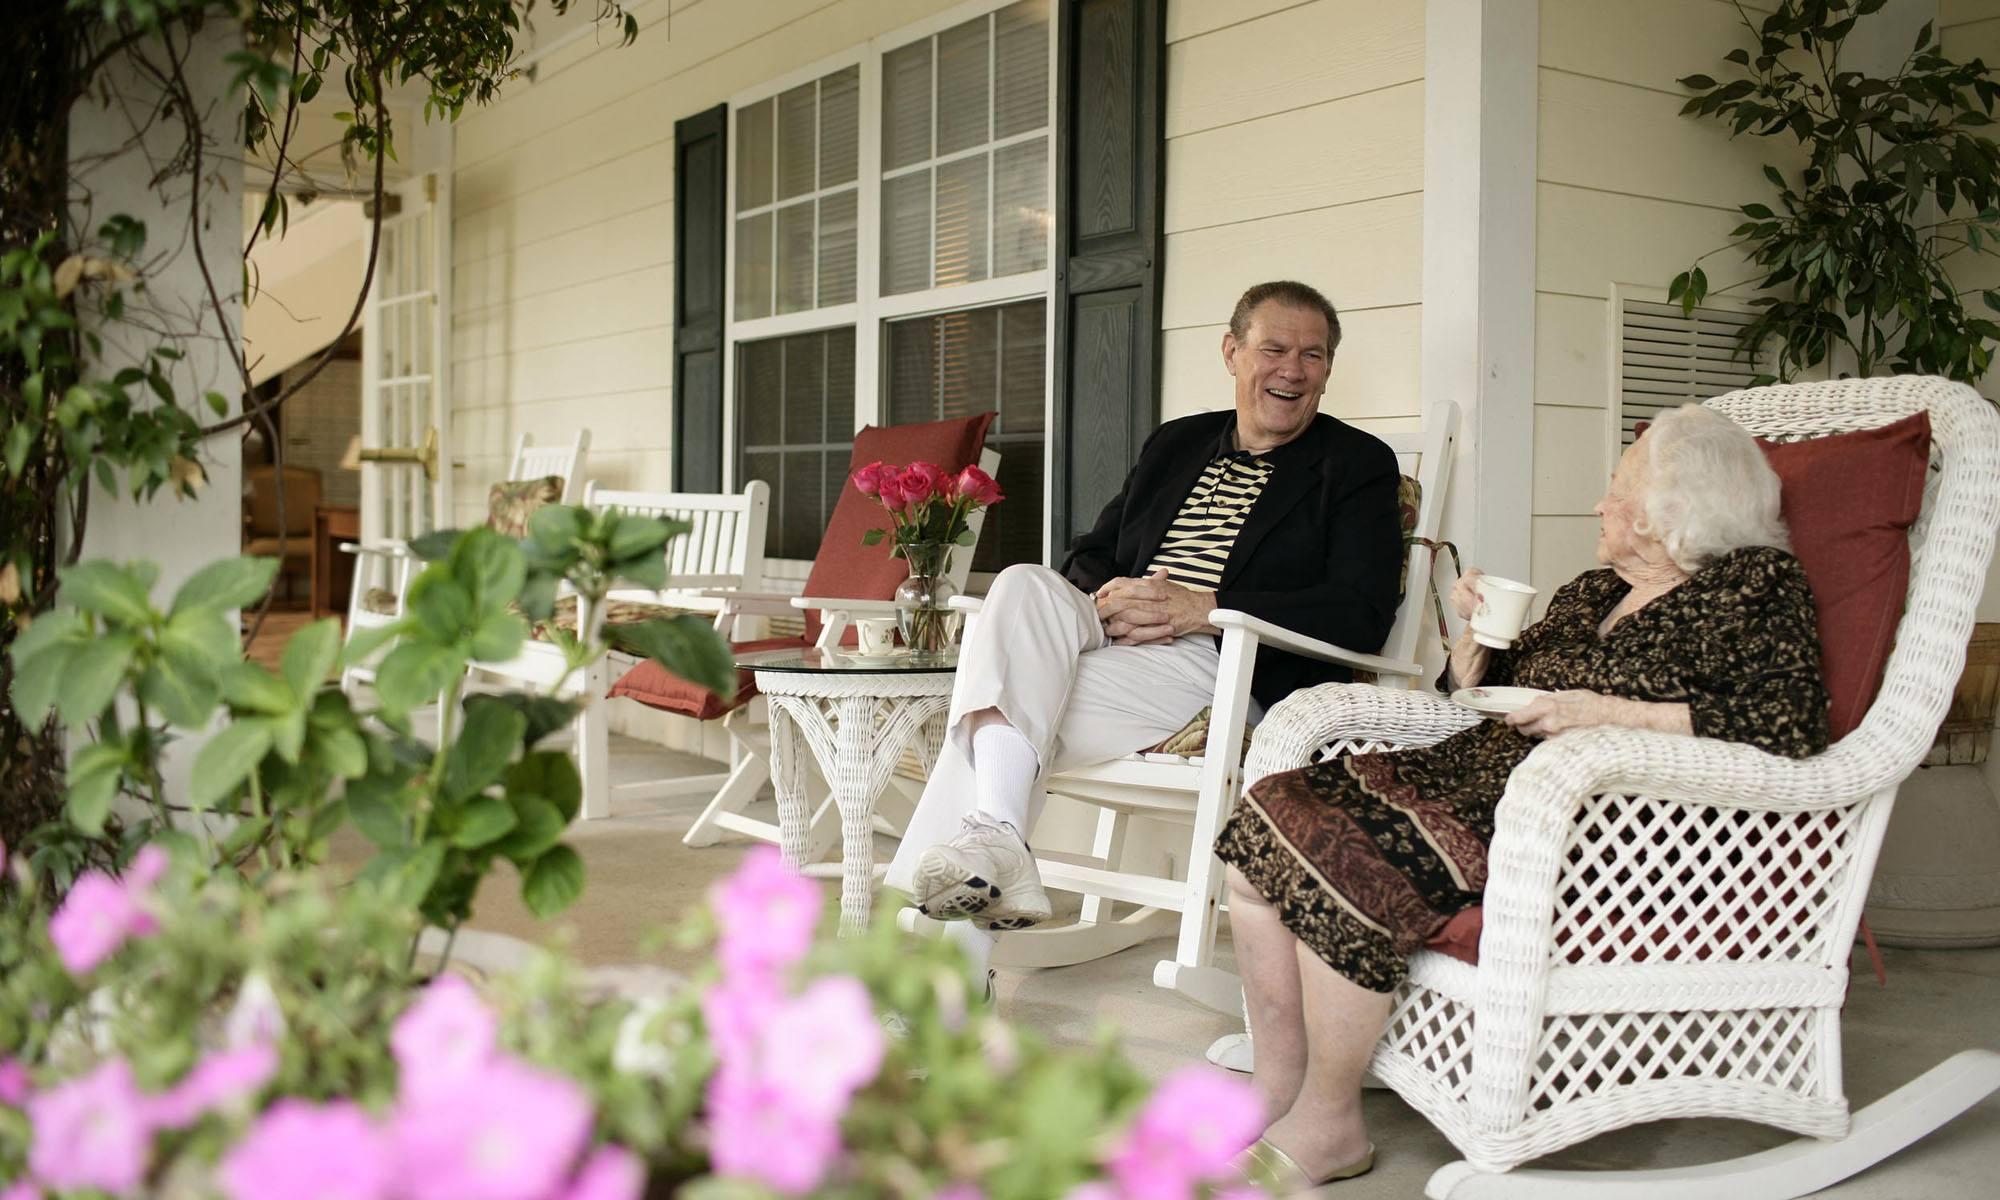 Exquisite senior living facility located in Huntsville